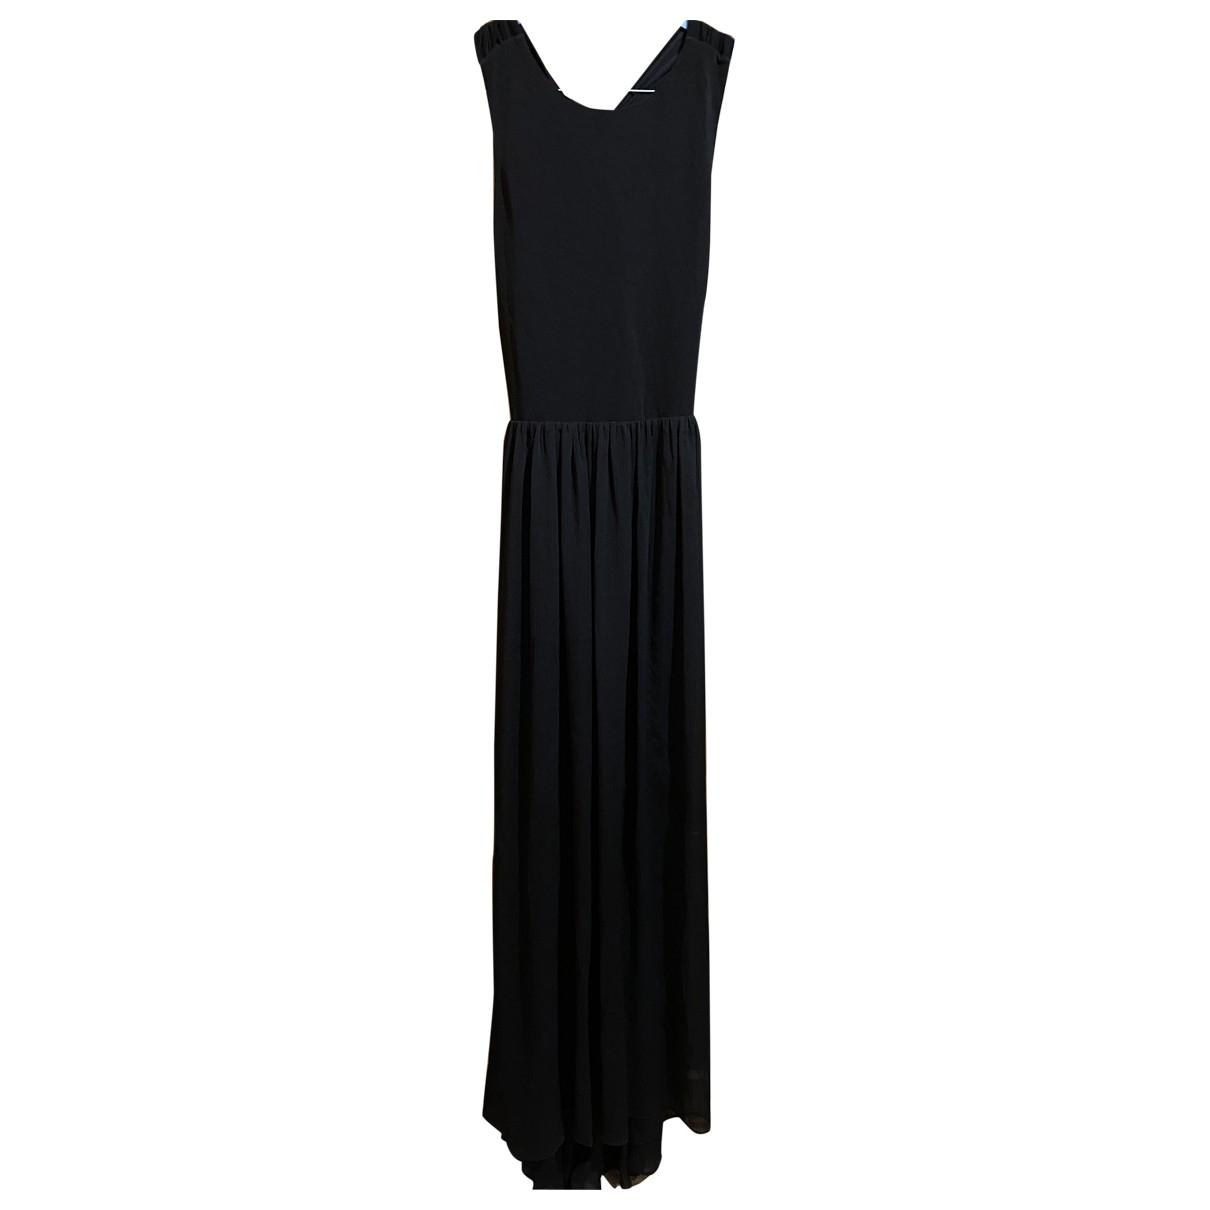 Alice & Olivia N Black dress for Women 2 0-5